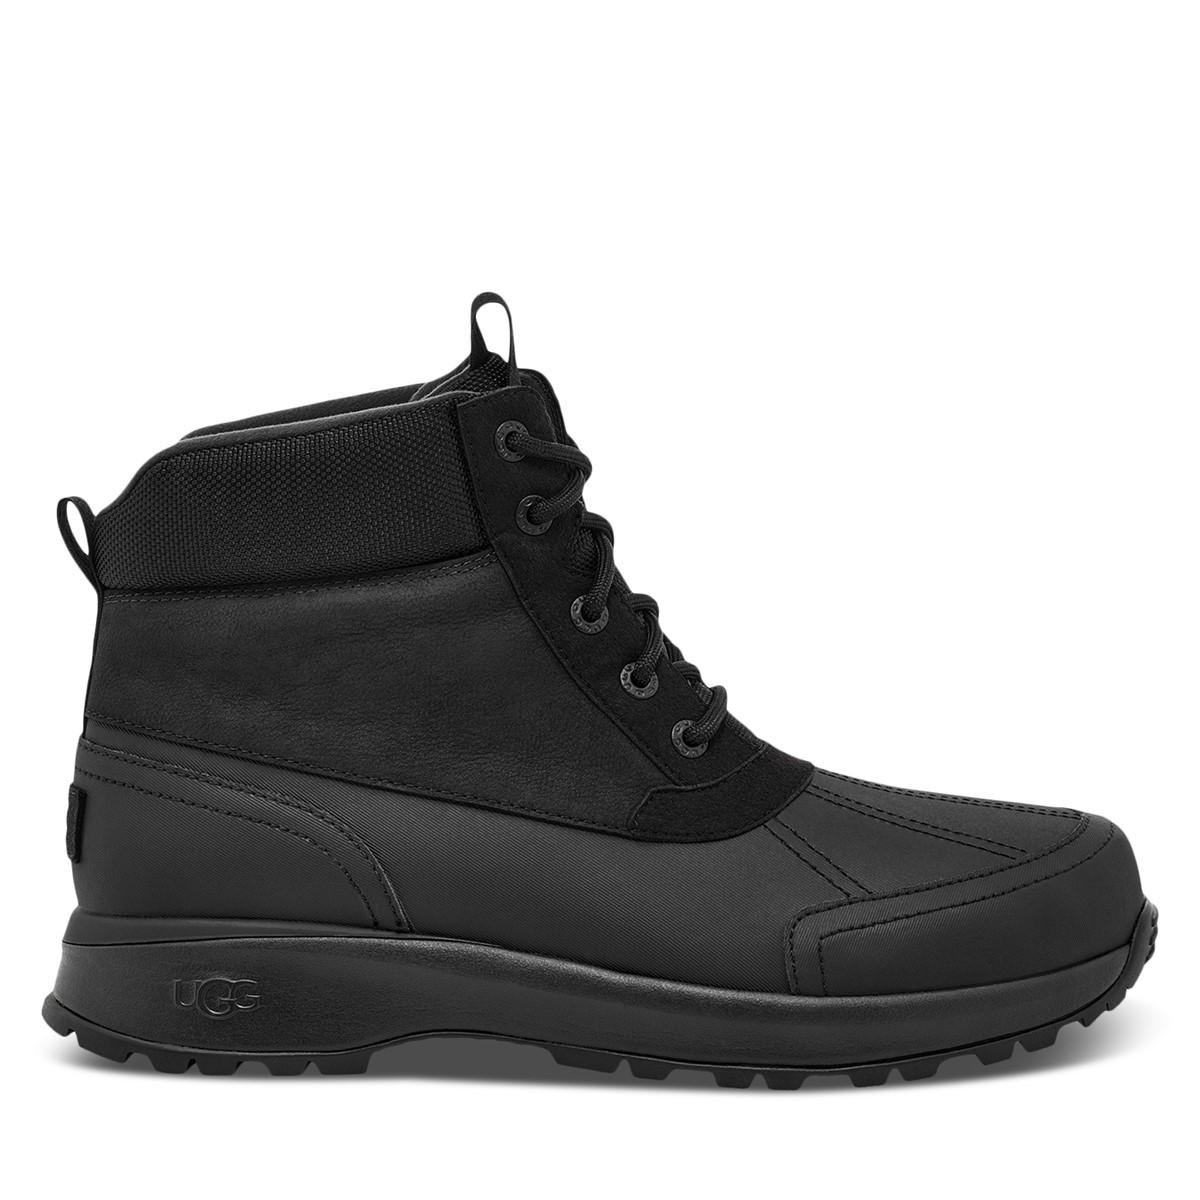 Men's Emmet Duck Boots in Black